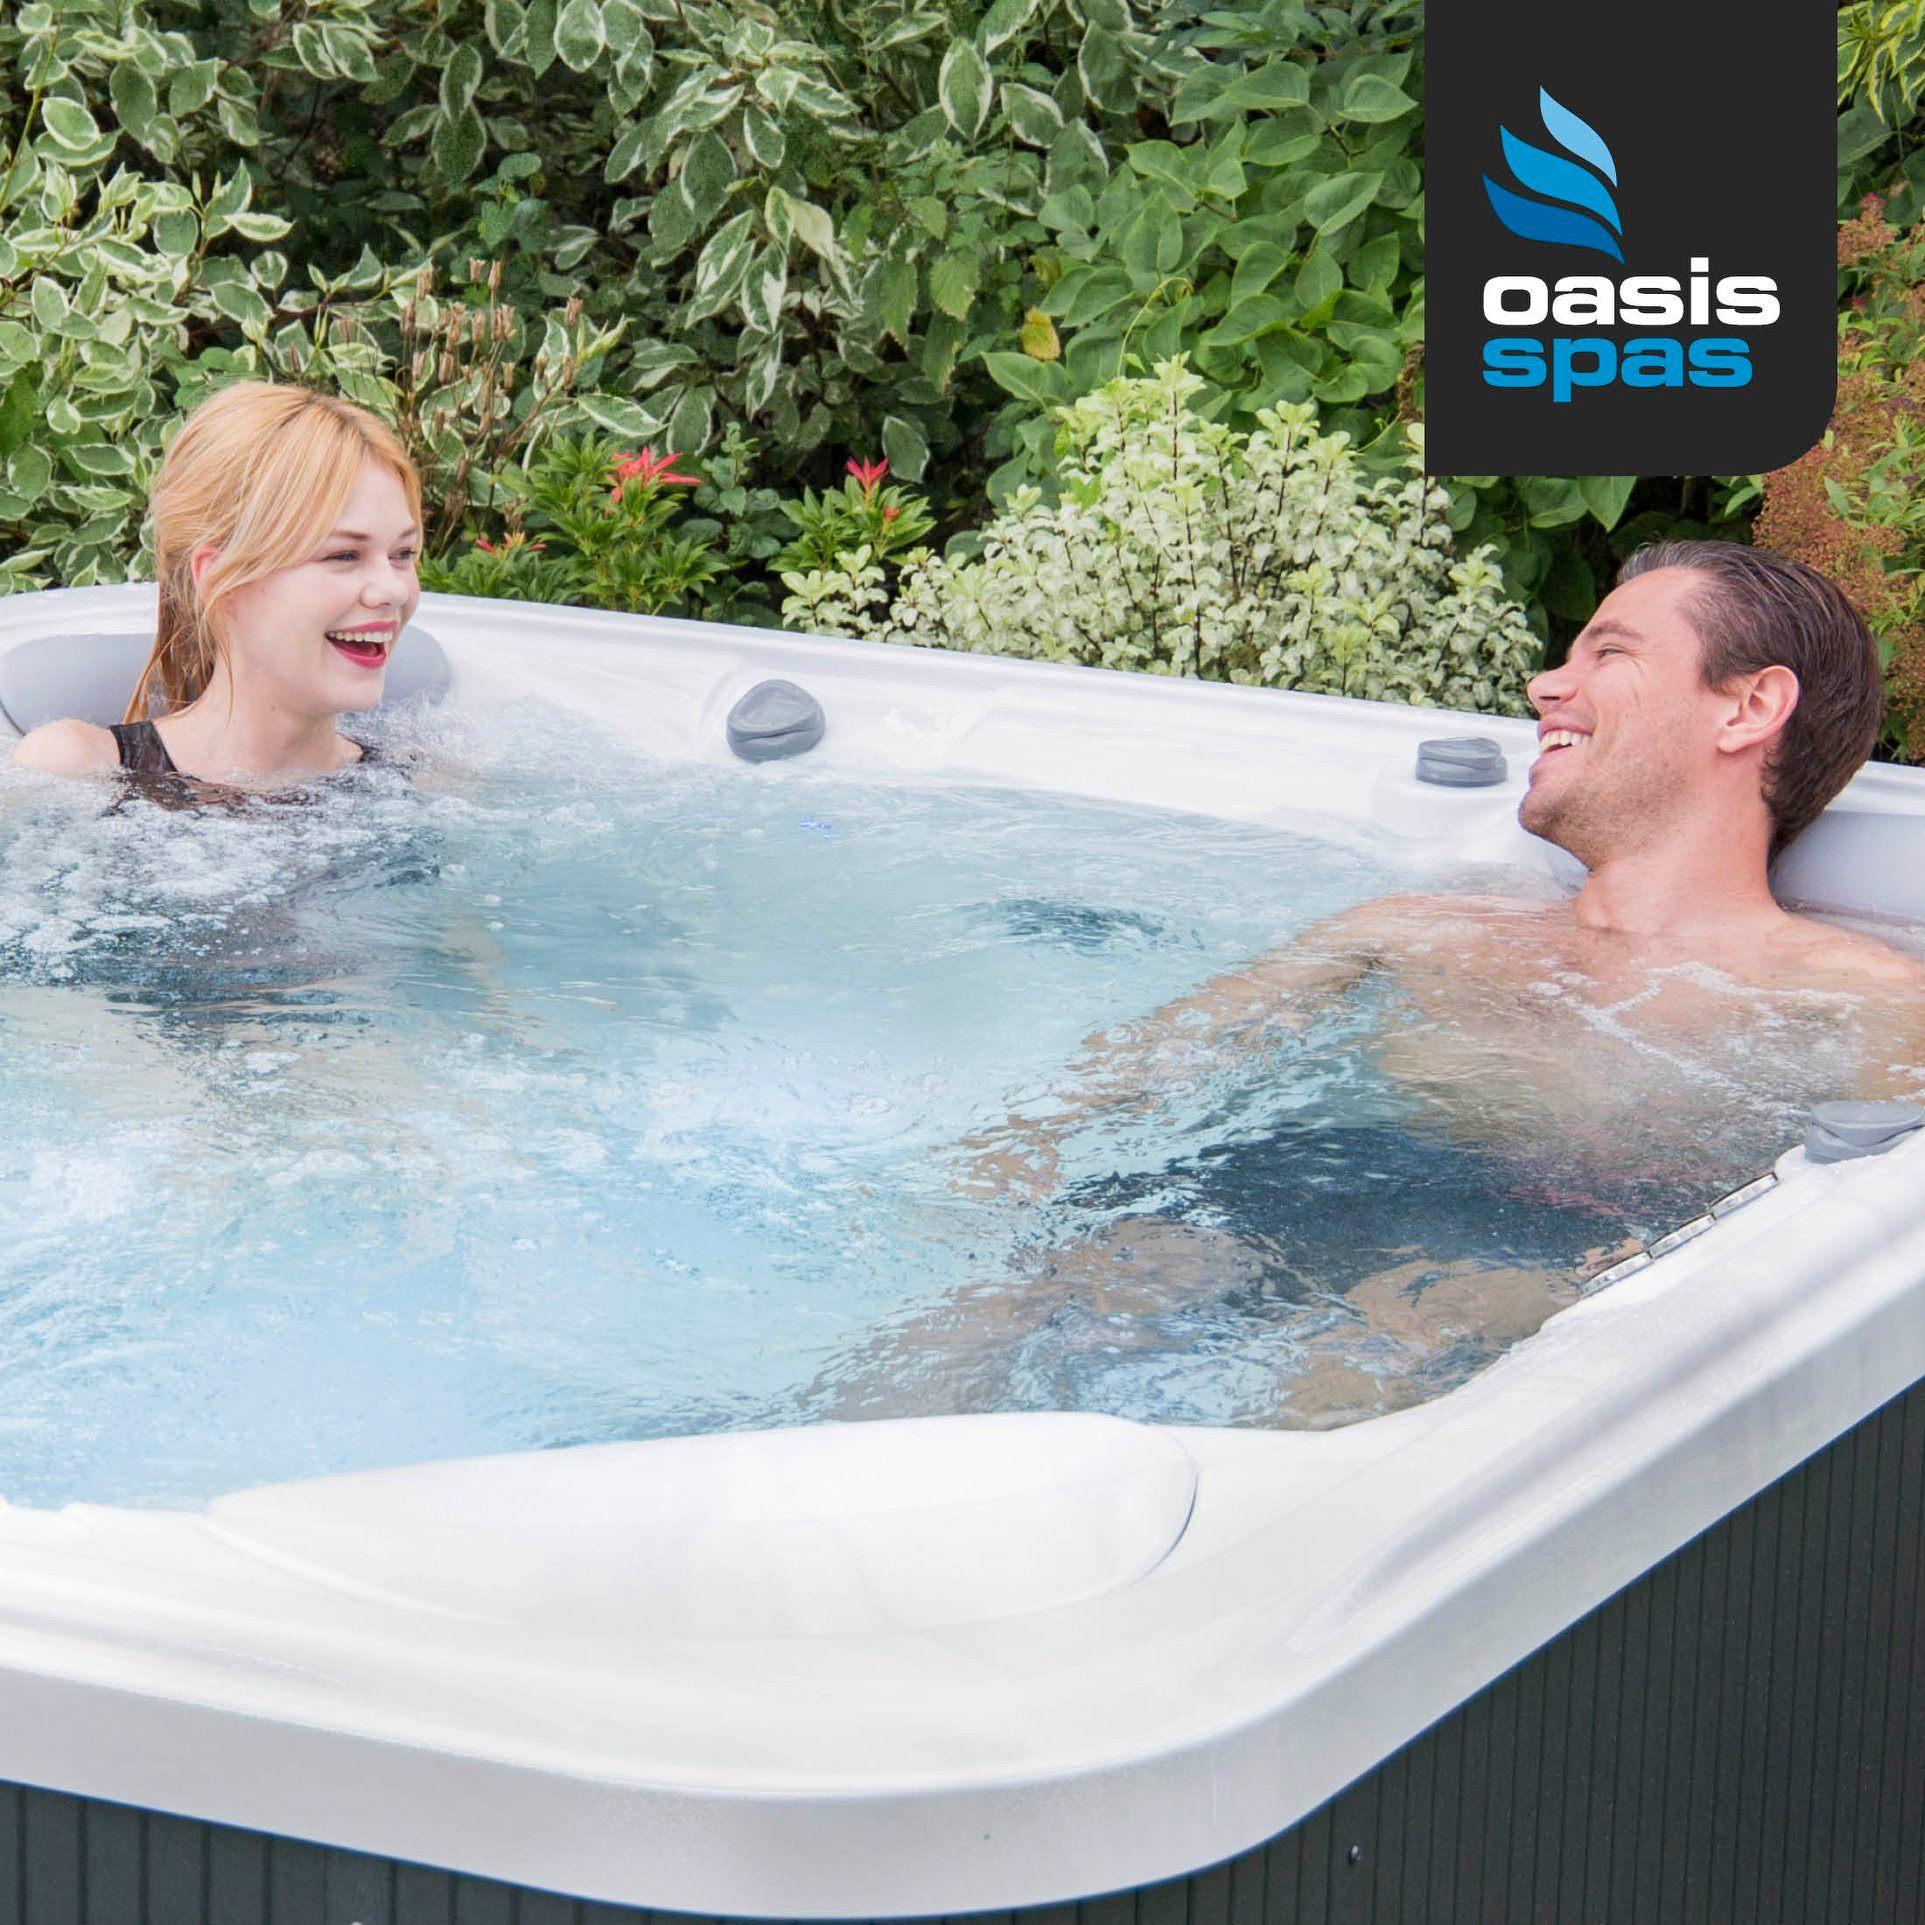 家庭用プール 家庭用スパ oasis-spas